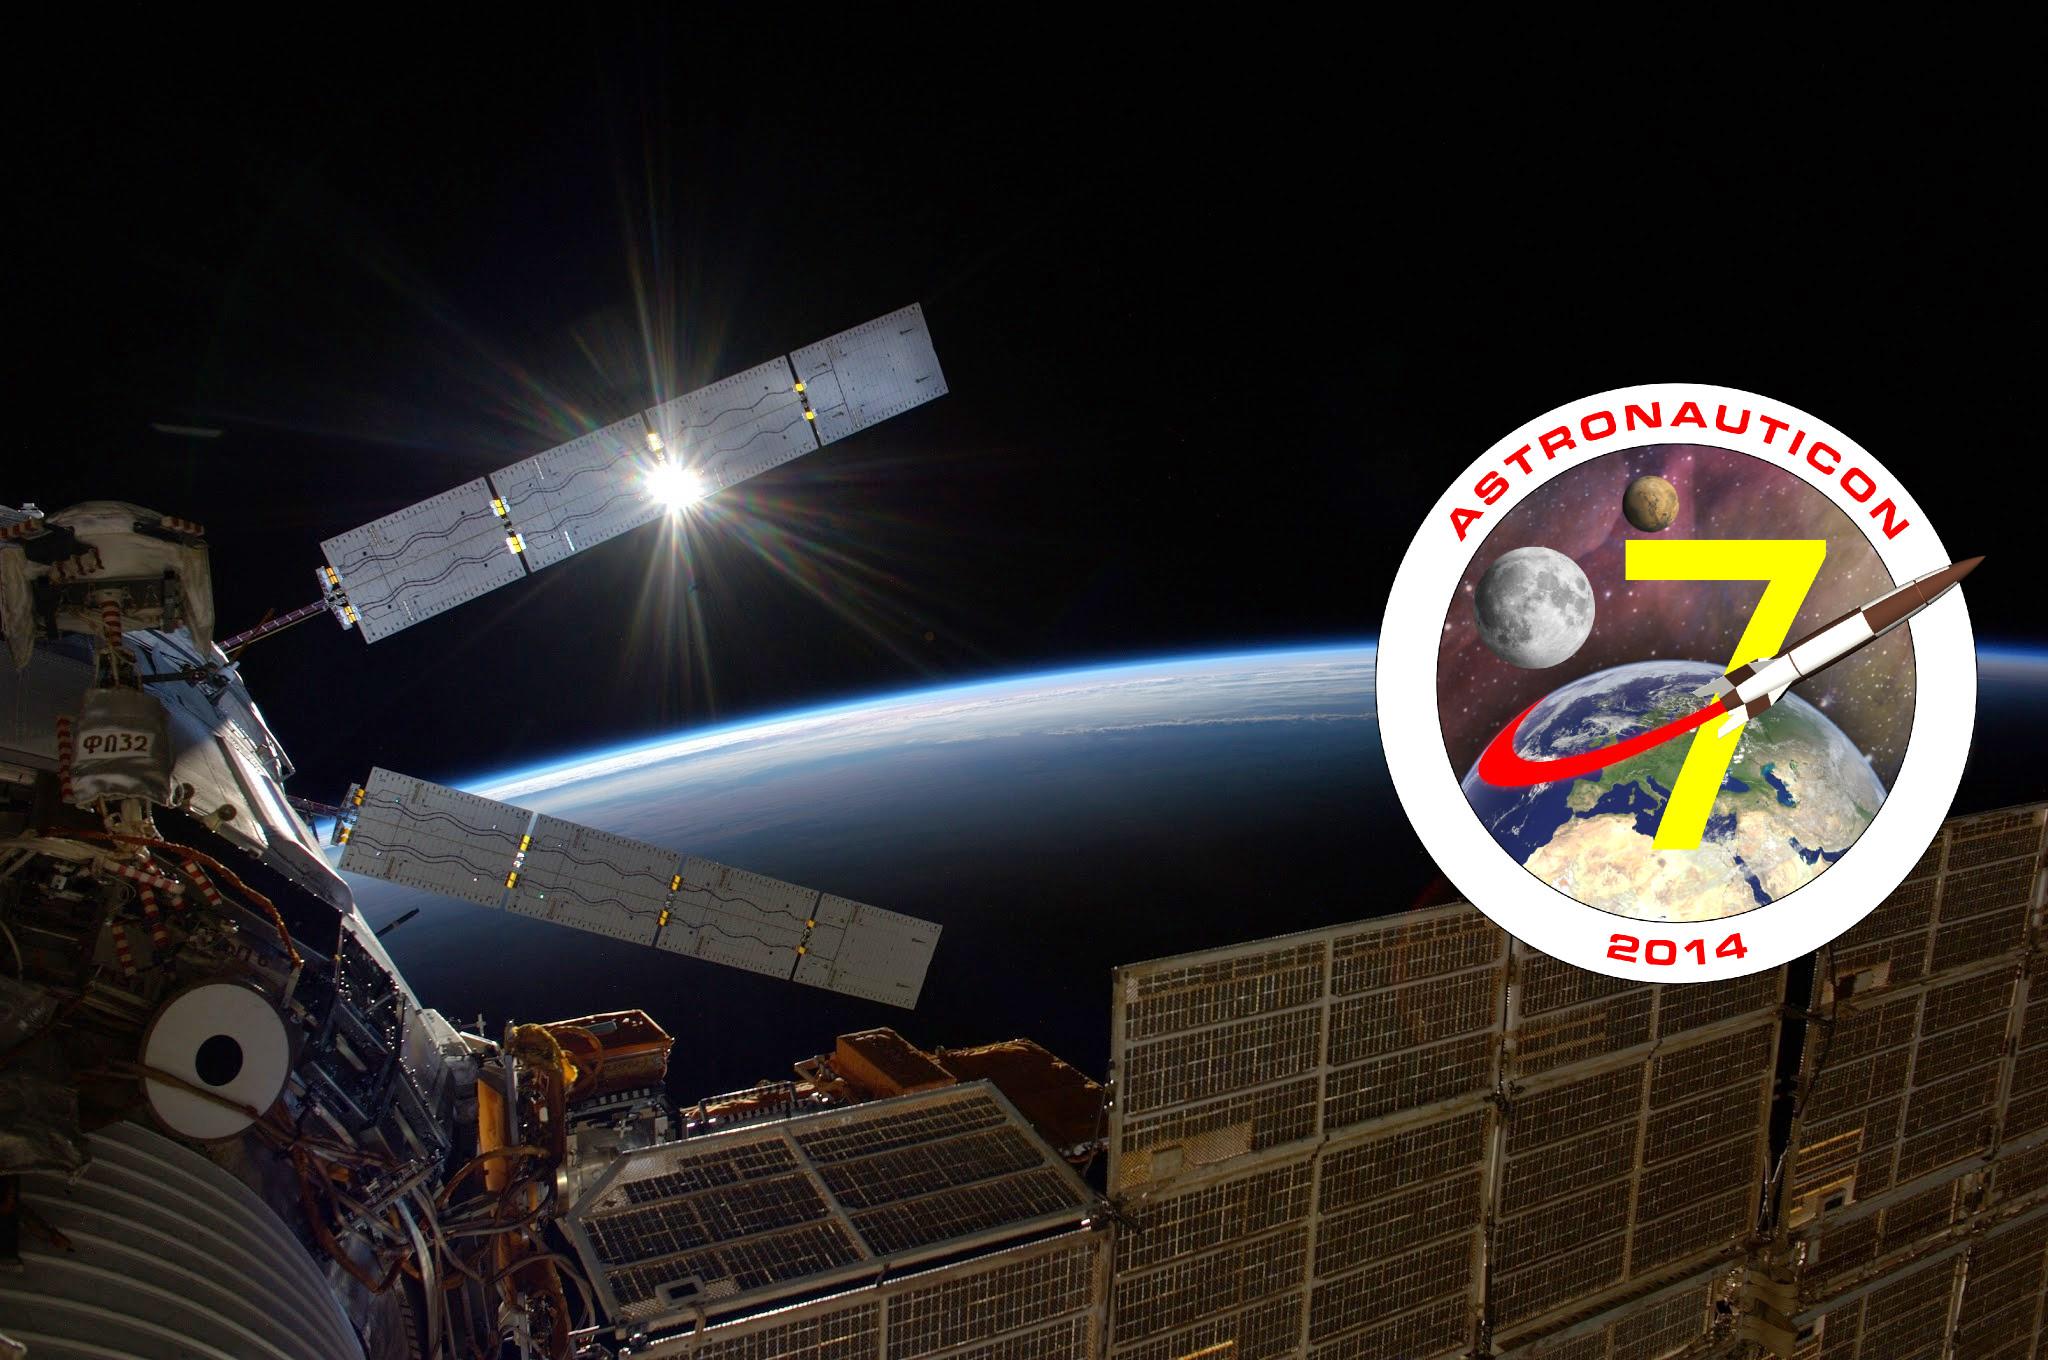 Banneri di AstronautiCON 7. Credit: NASA/Riccardo Rossi